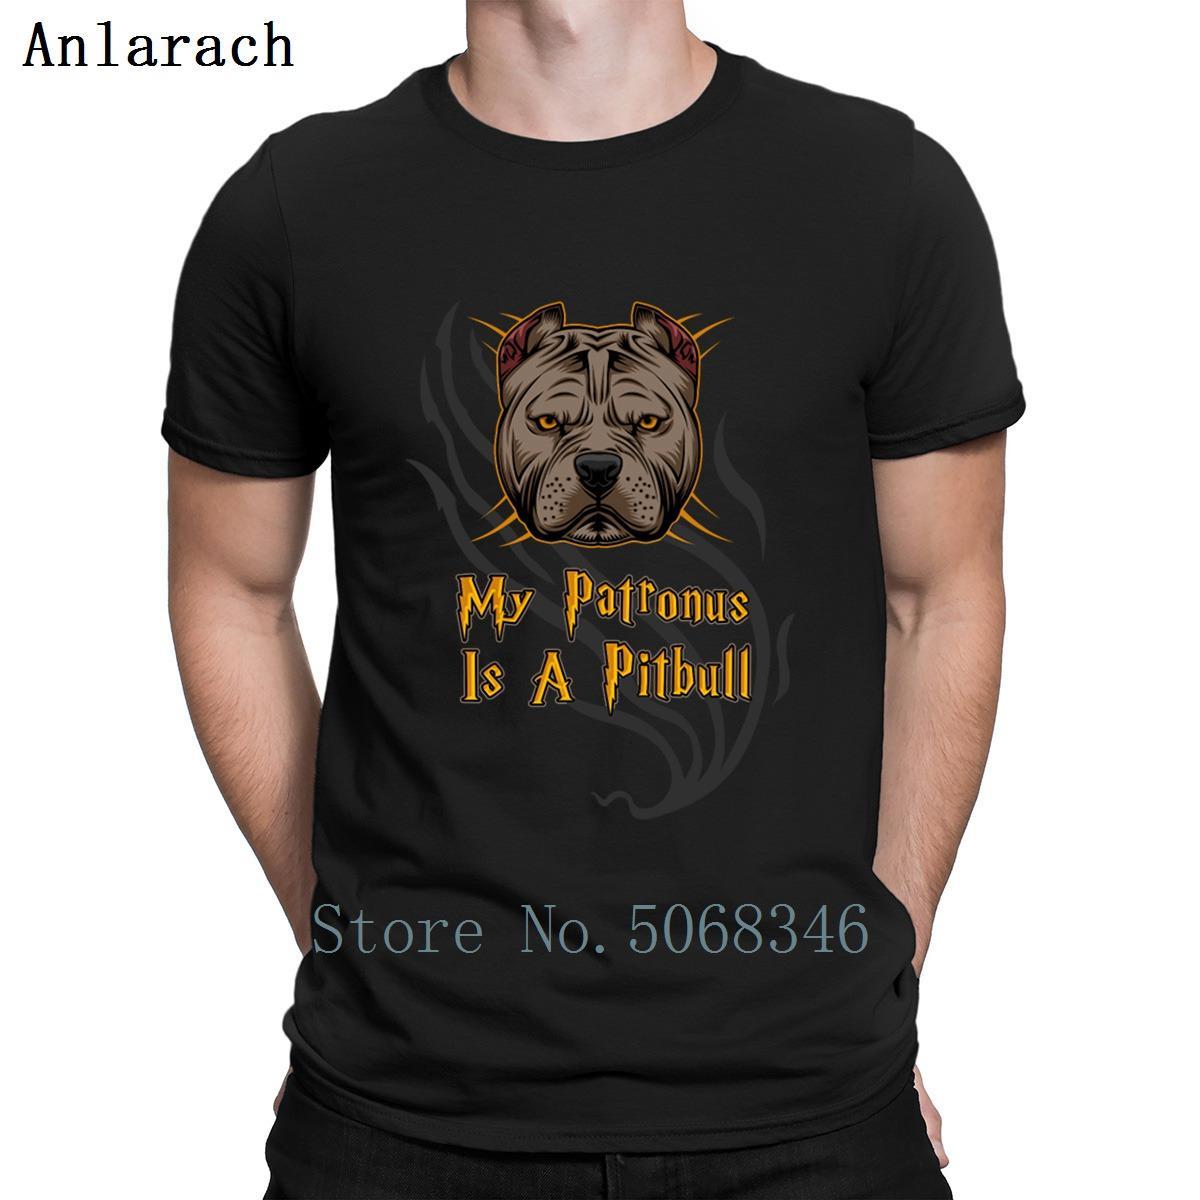 Pit Bull Benim Patronus Is A Pitbull Tişörtlü Pictures Yuvarlak Yaka Ünlü Örme Yaz Pamuk Komik Casual Normal Gömlek